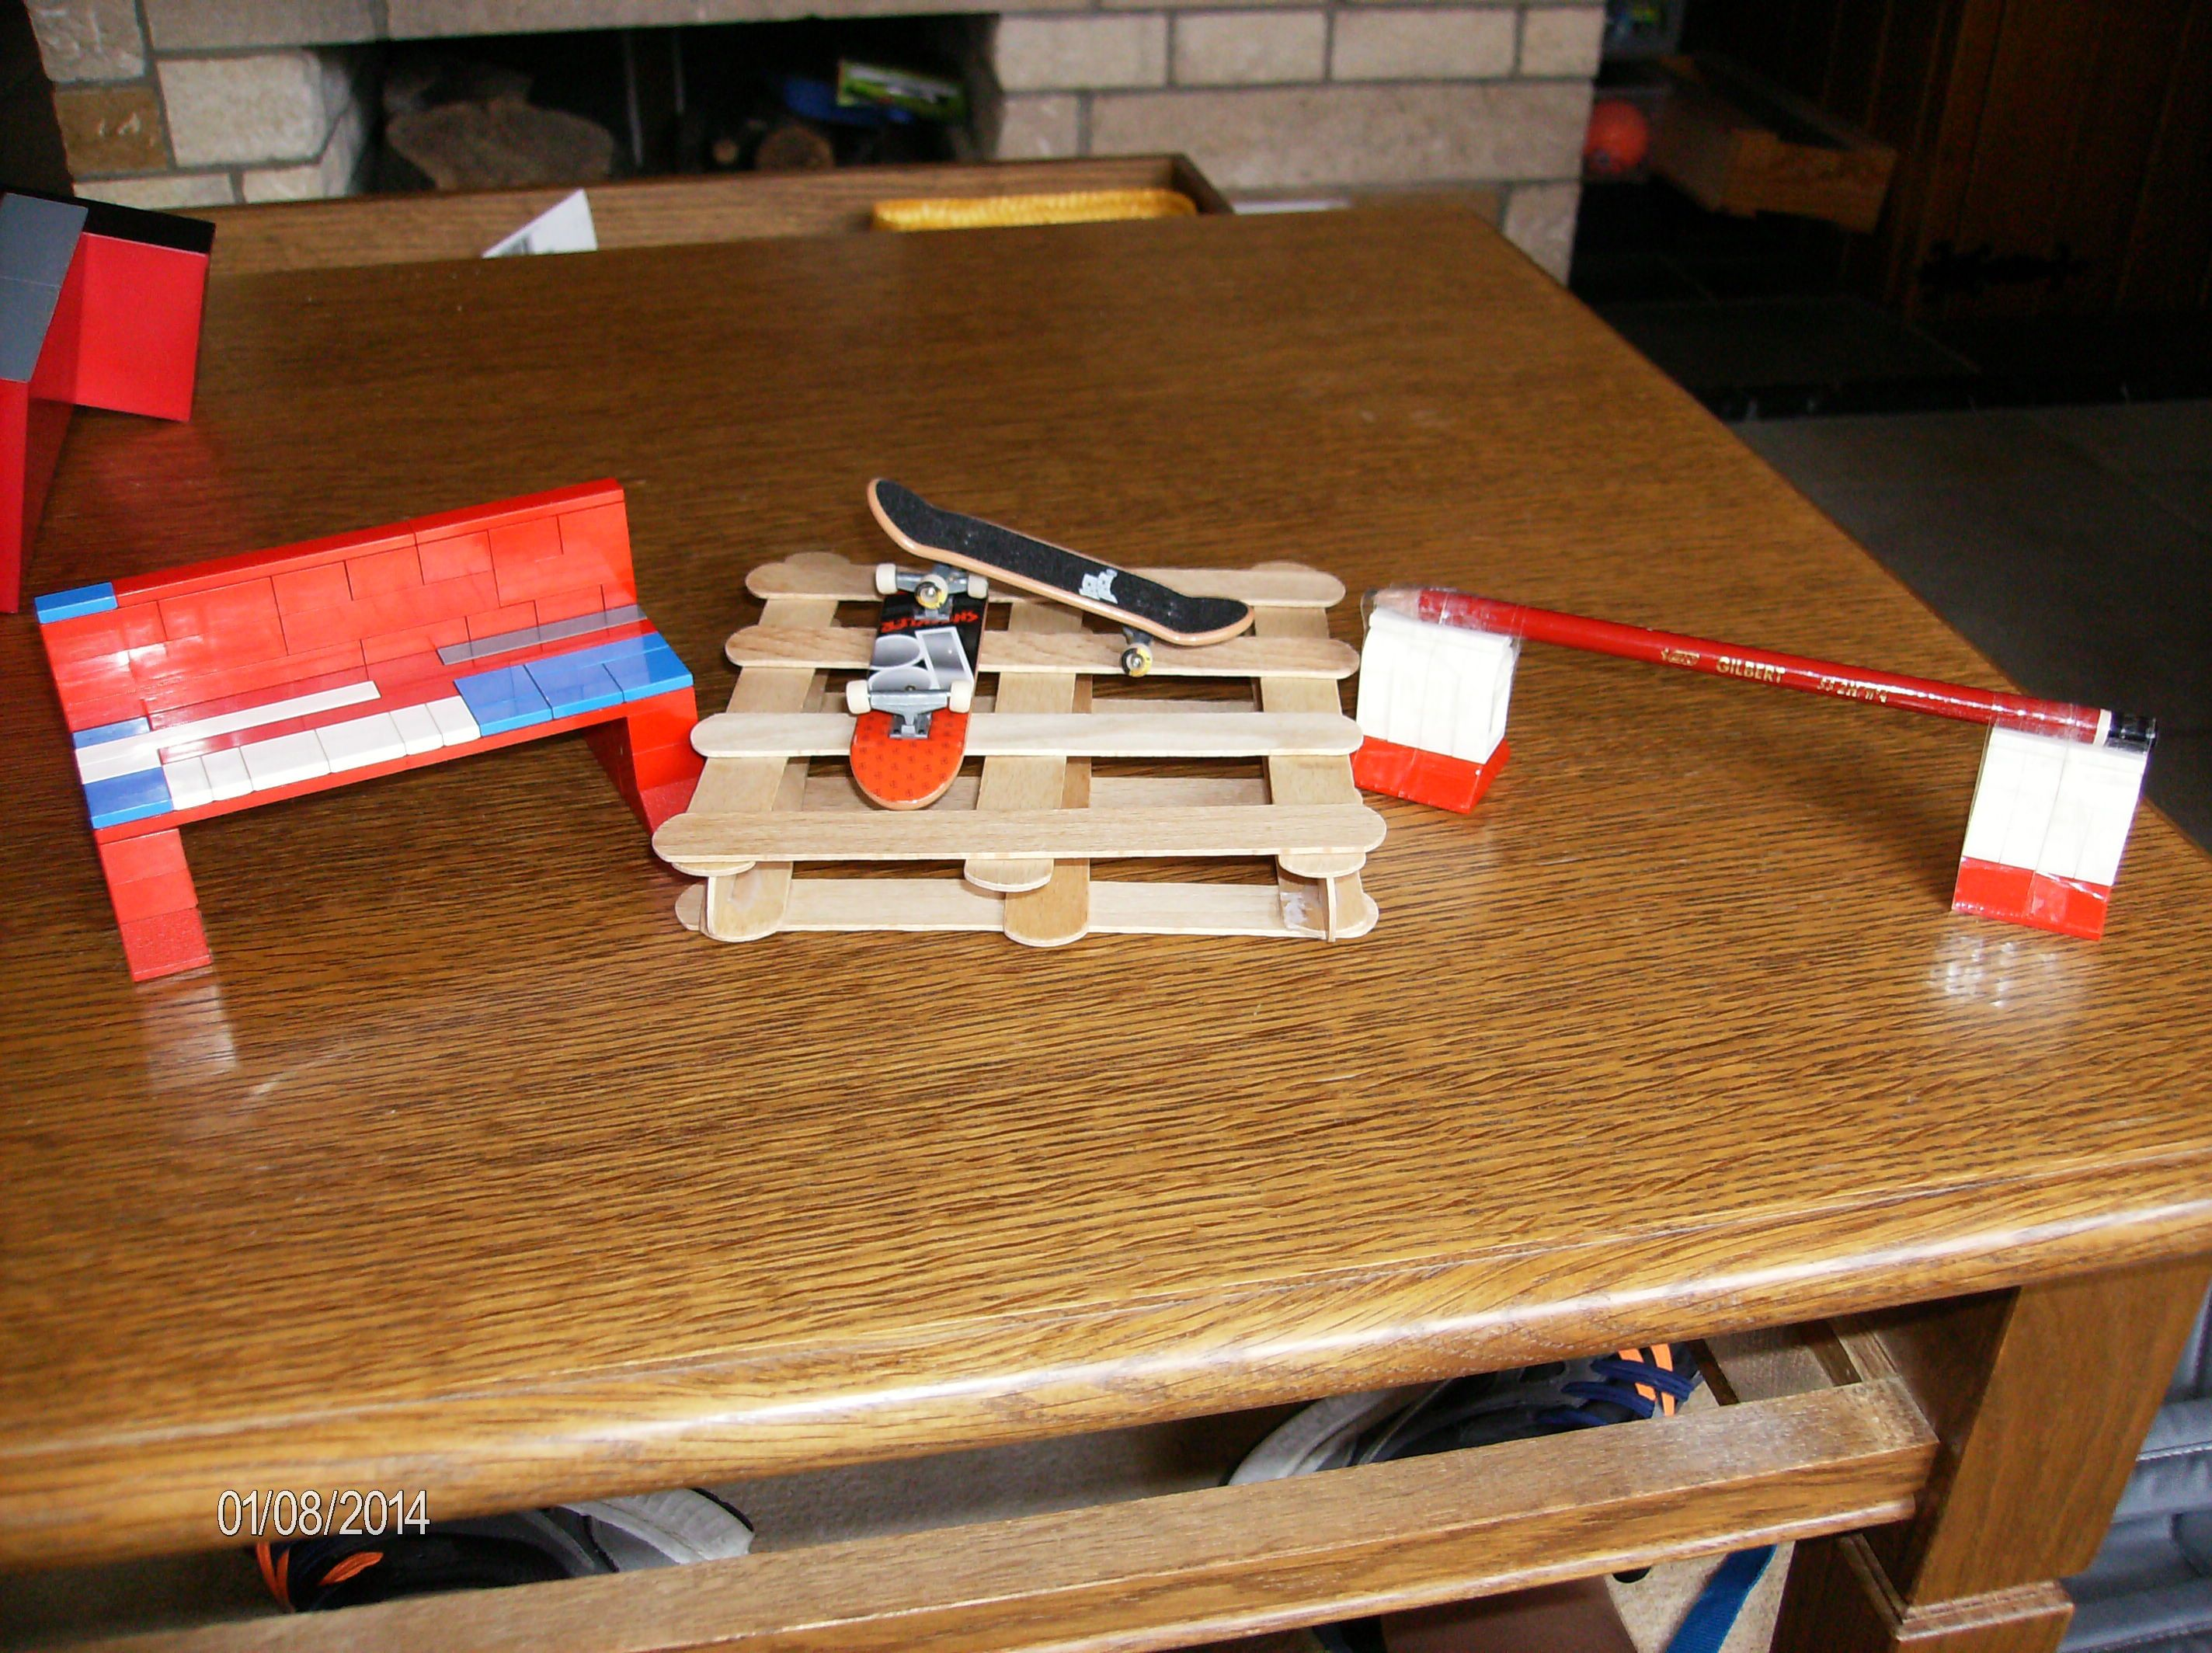 zelf gemaakte ramps tech deck Pinterest Tech deck